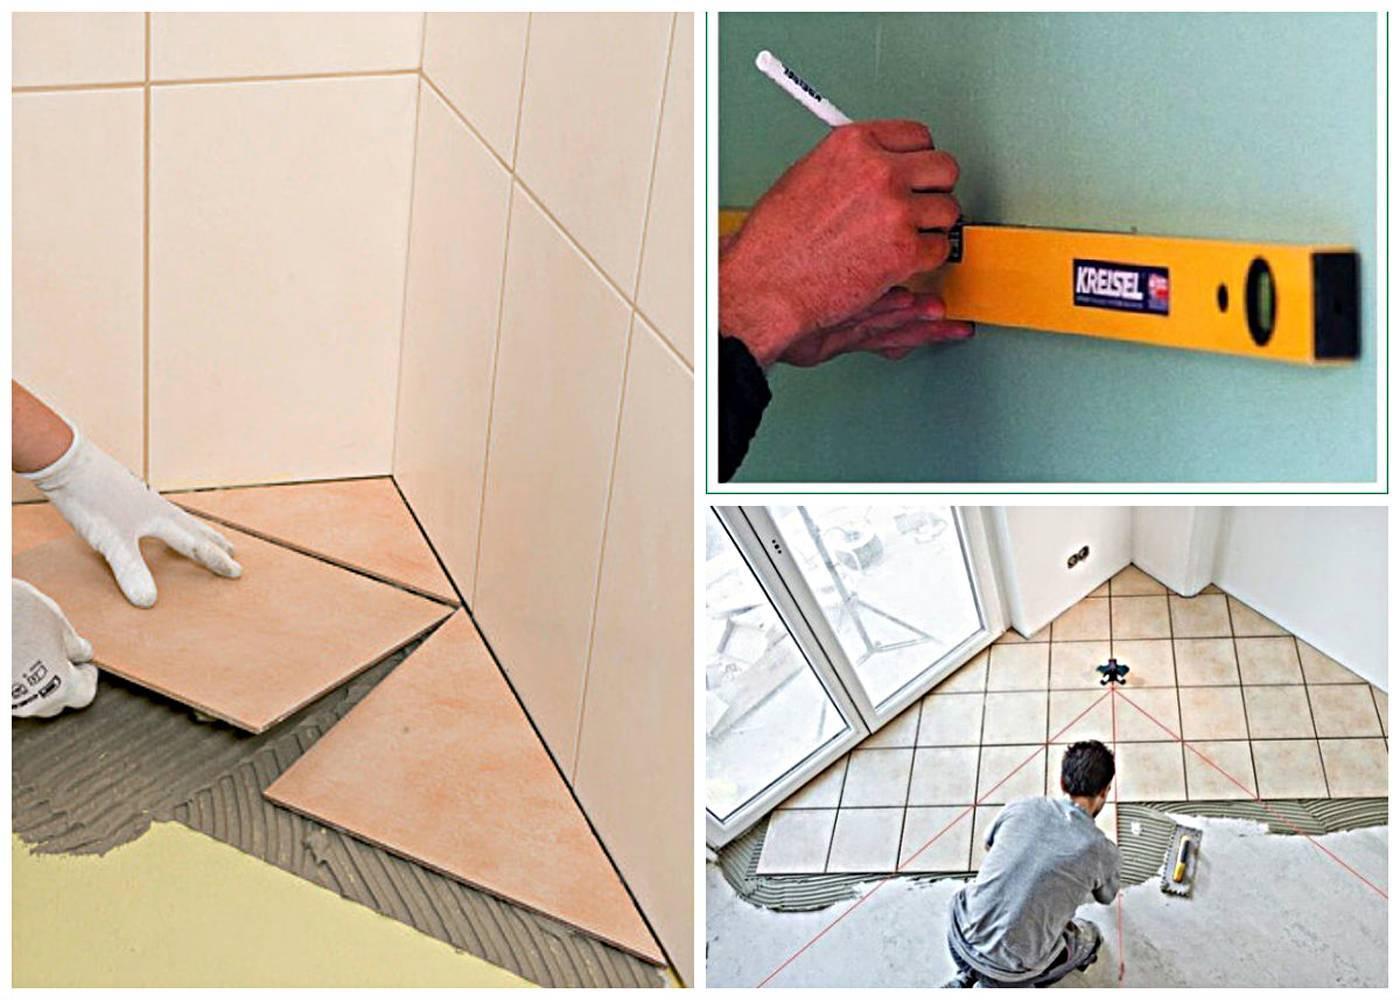 Укладка плитки на пол в ванной комнате: как сделать стяжку пола под плитку своими руками, как положить кафель на деревянное основание, можно ли использовать настенную плитку для пола